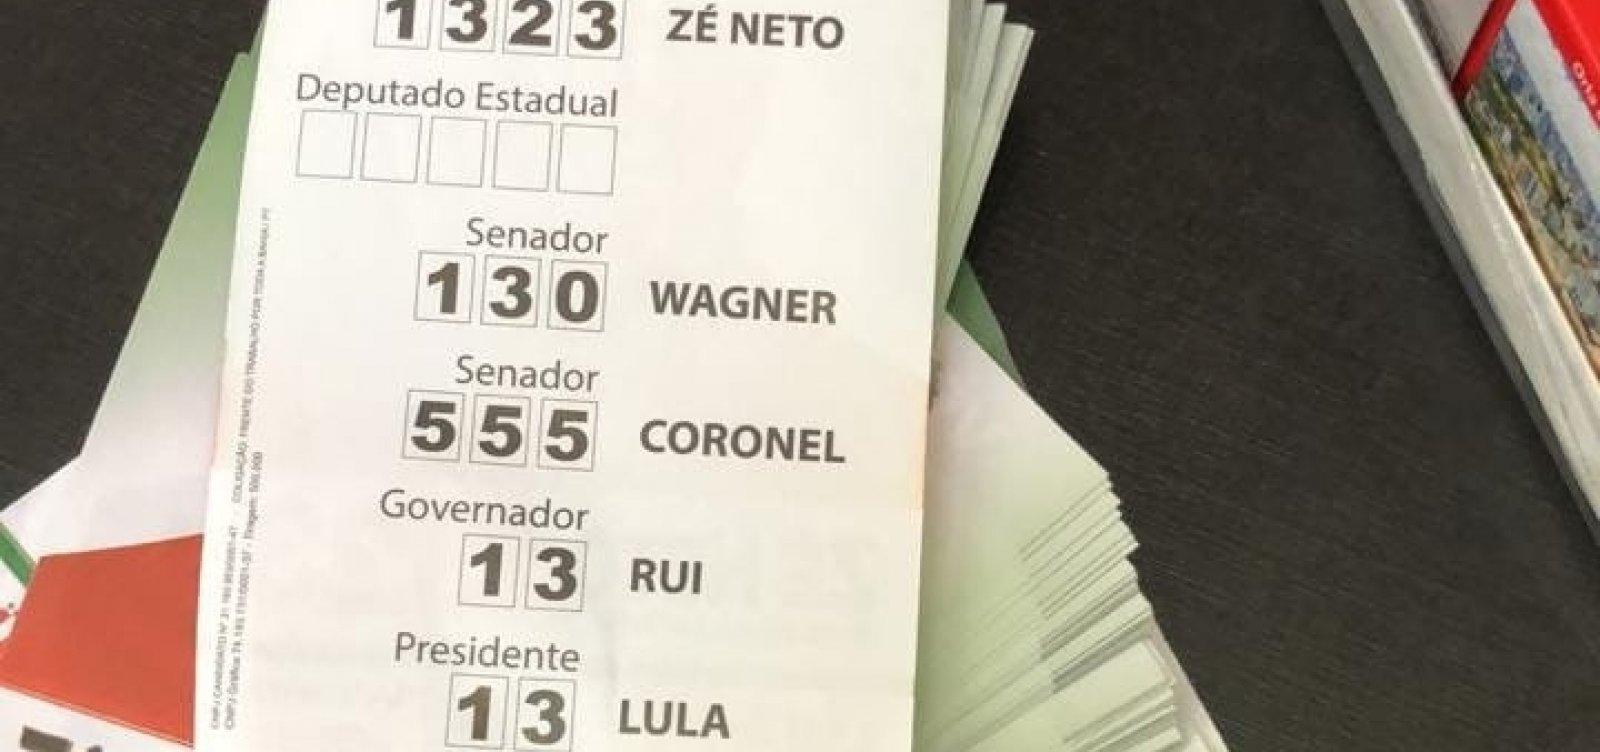 Desembargadora determina busca e apreensão de 'santinhos' de Lula em comitê de Zé Neto